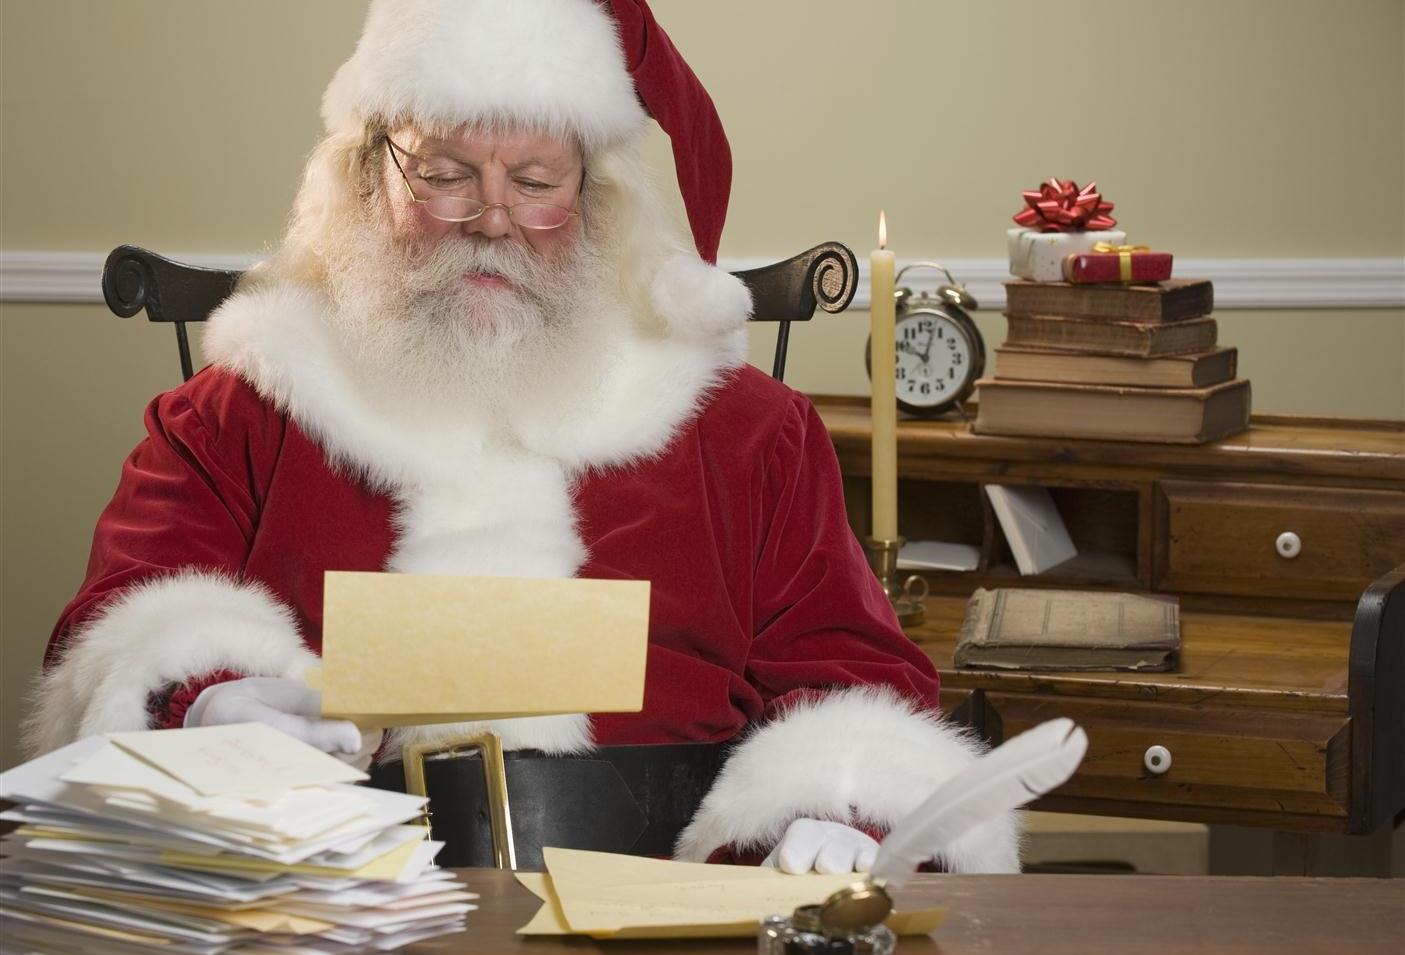 Il mito di Babbo Natale: come svelare ai bambini la verità